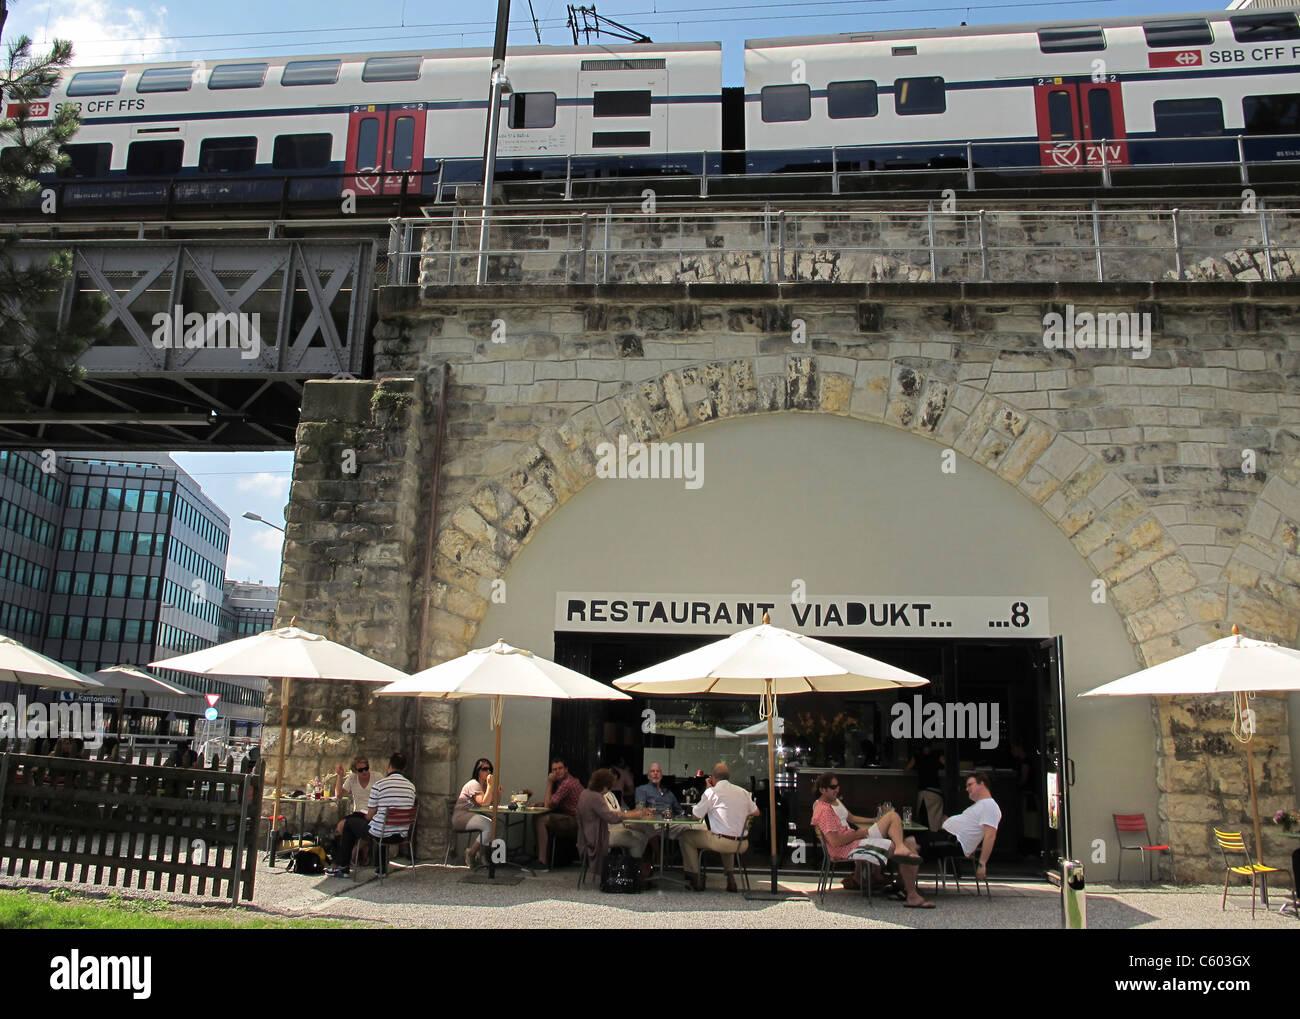 Viadukt 8 Restaurant Kreis 5, Schweiz Zürich, Stockbild